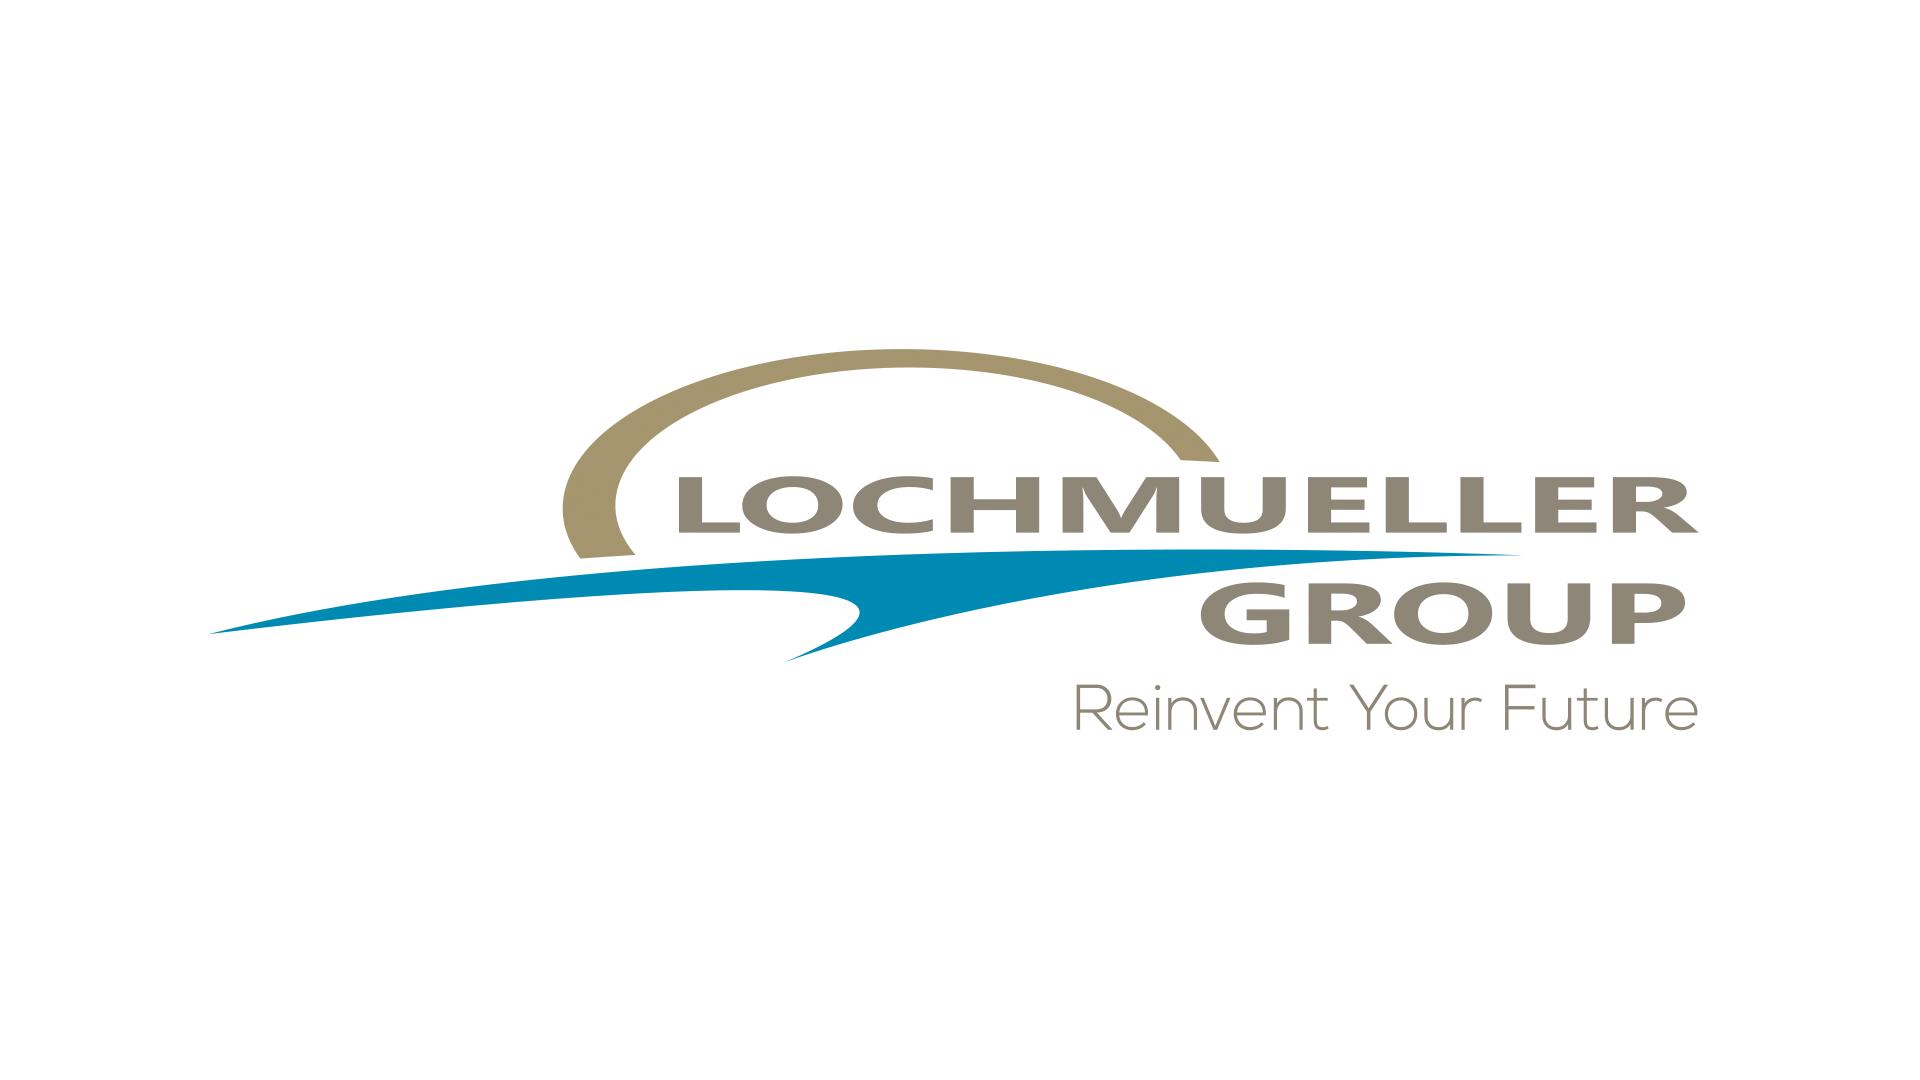 Lochmueller Group logo